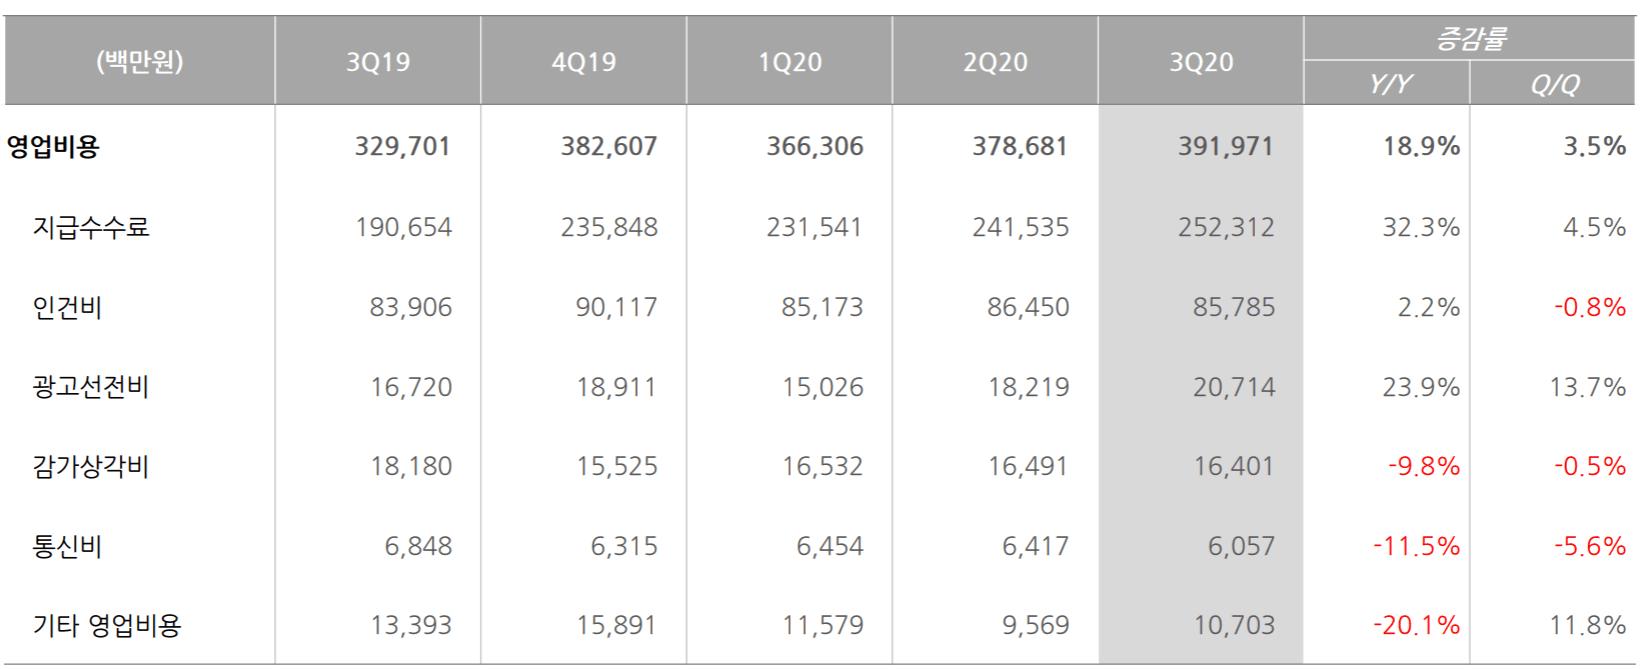 NHN 실적, 분기별 NHN 주요 영업비용 변화 추이( ~ 20년 3분기),  Chart from NHN